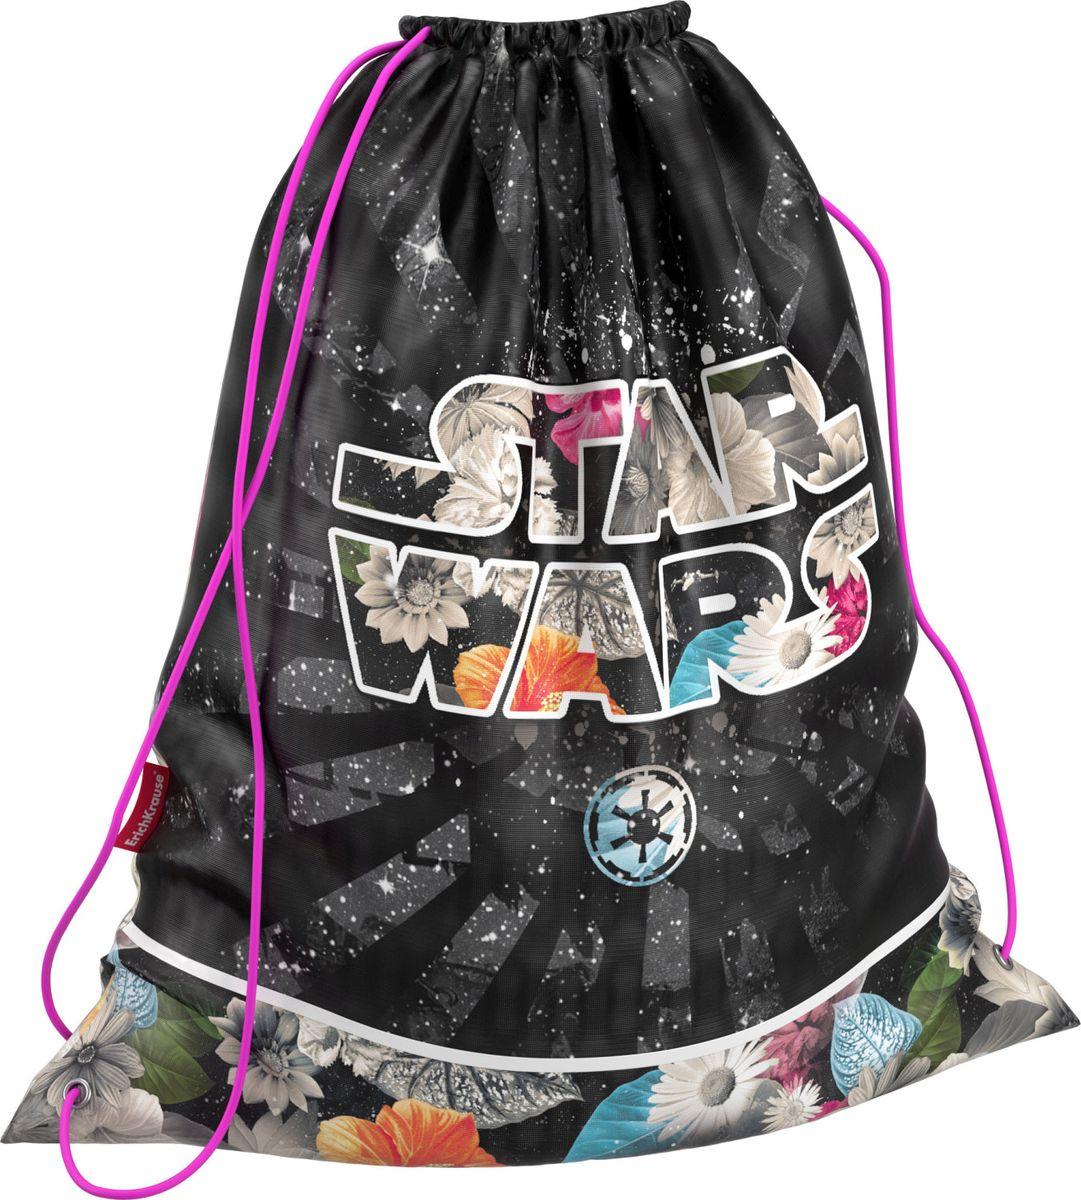 Star Wars Сумка для сменной обуви Звездные Войны Вселенная42503Сумка для сменной обуви выполнена из водонепроницаемого материала.Размер 44 x 35 см.